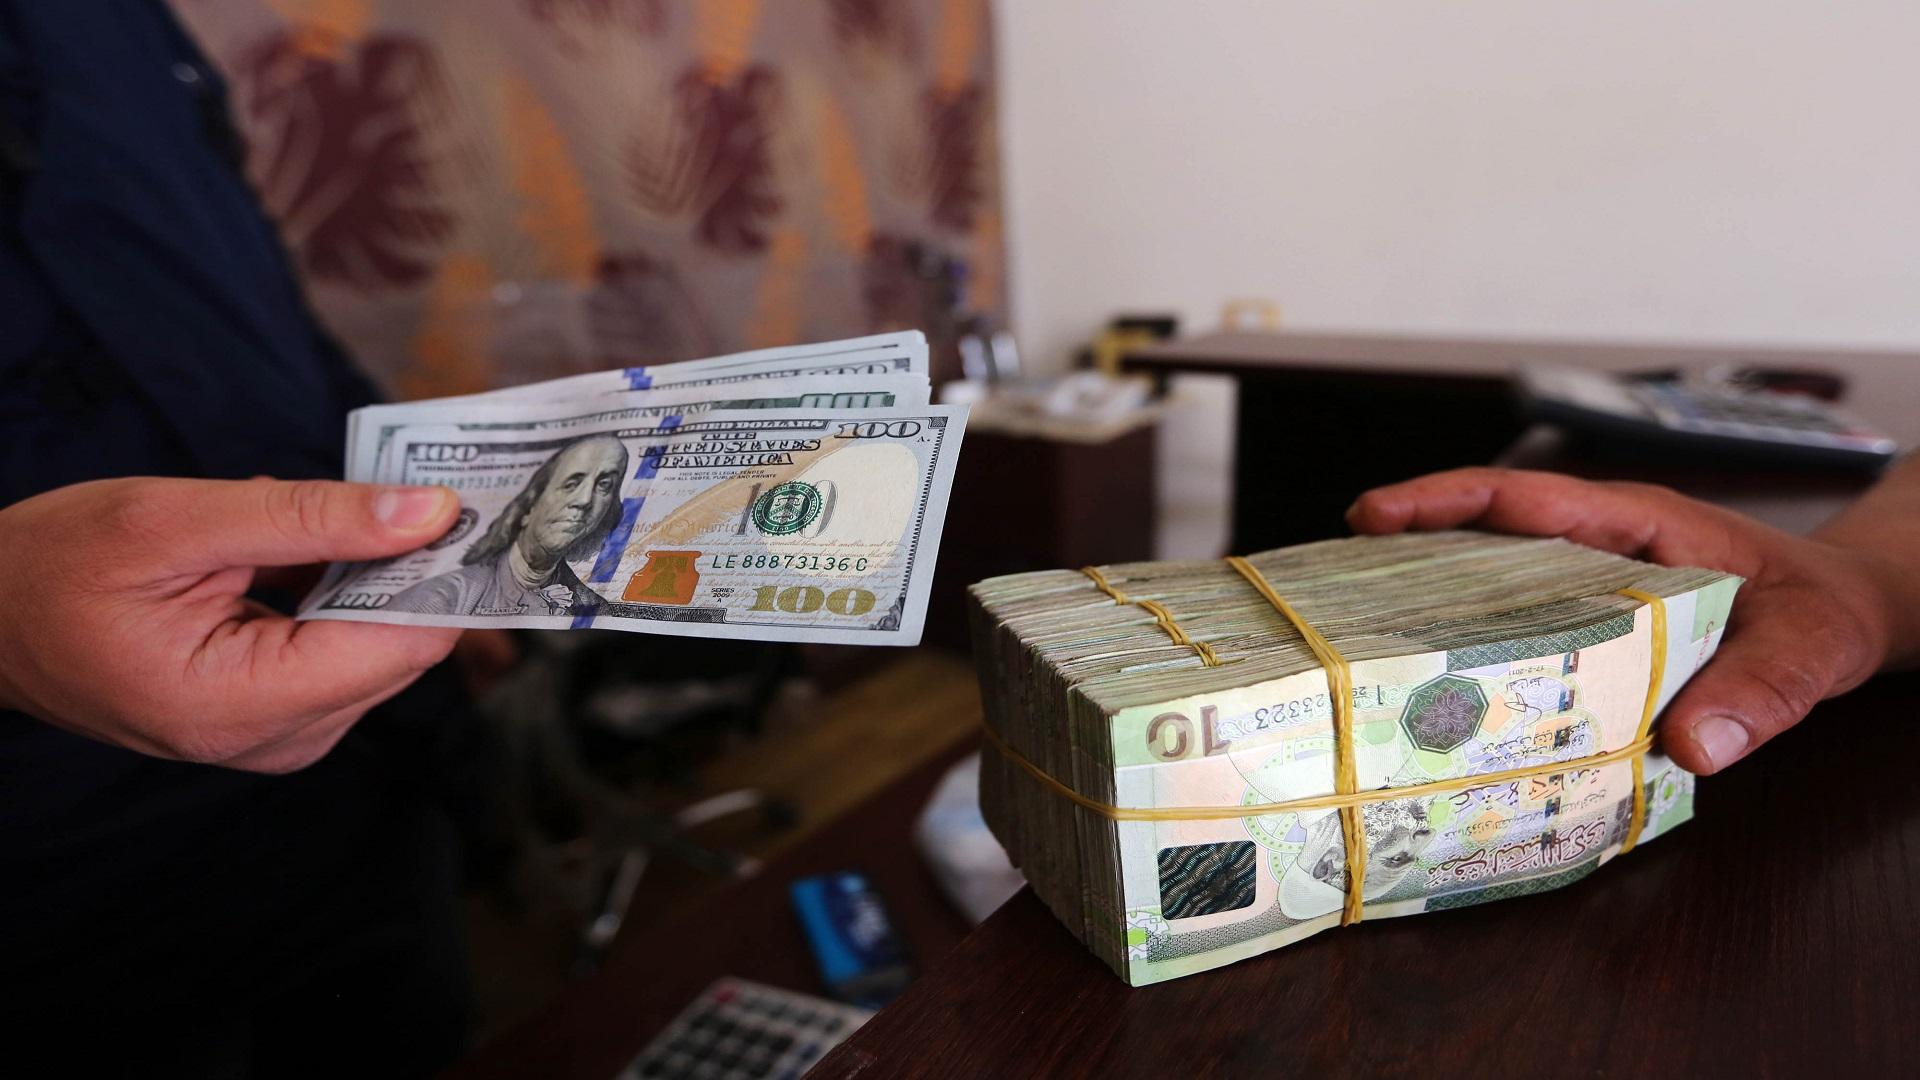 الدينار مقابل العملات الأجنبية - أرشيفية